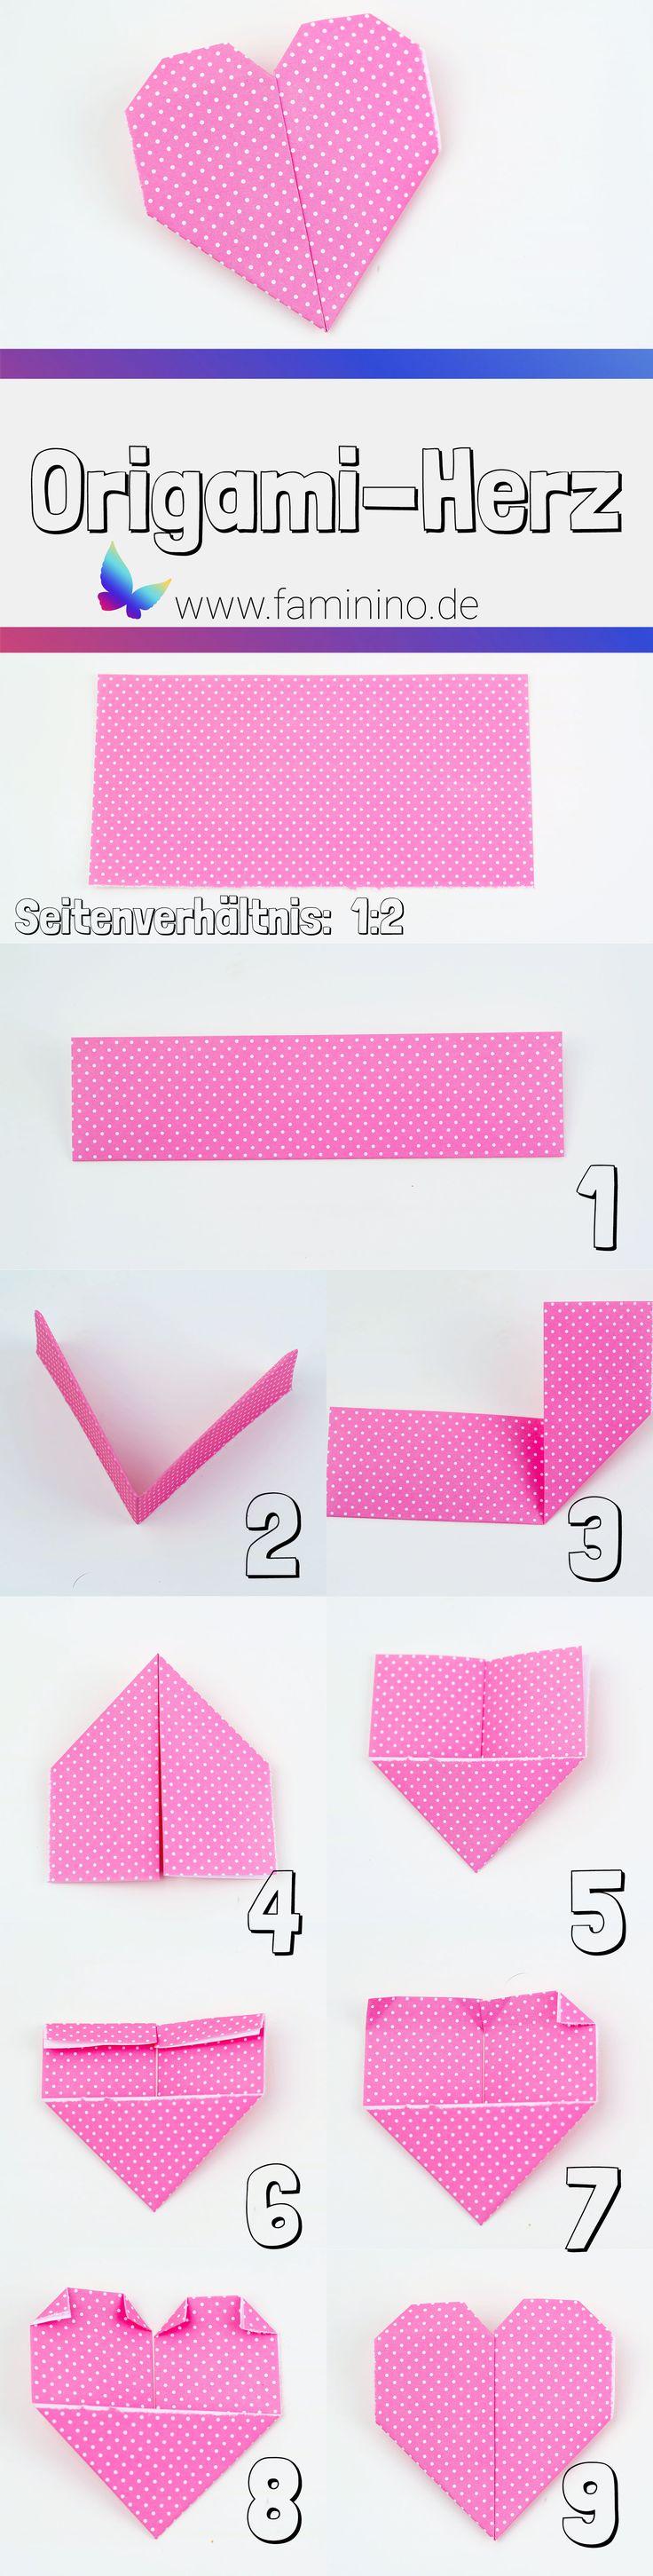 Valentinstags-Karte basteln: 5 Ideen für schöne Karten (inkl. Karten zum kostenlos ausdrucken) #valentinstag #origami